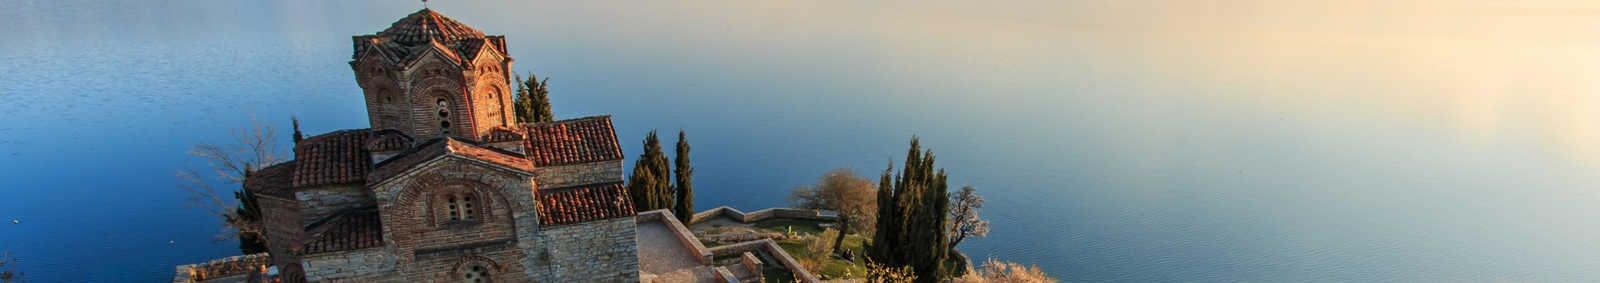 Sveti Jovan Kaneo Church, Lake Ohrid